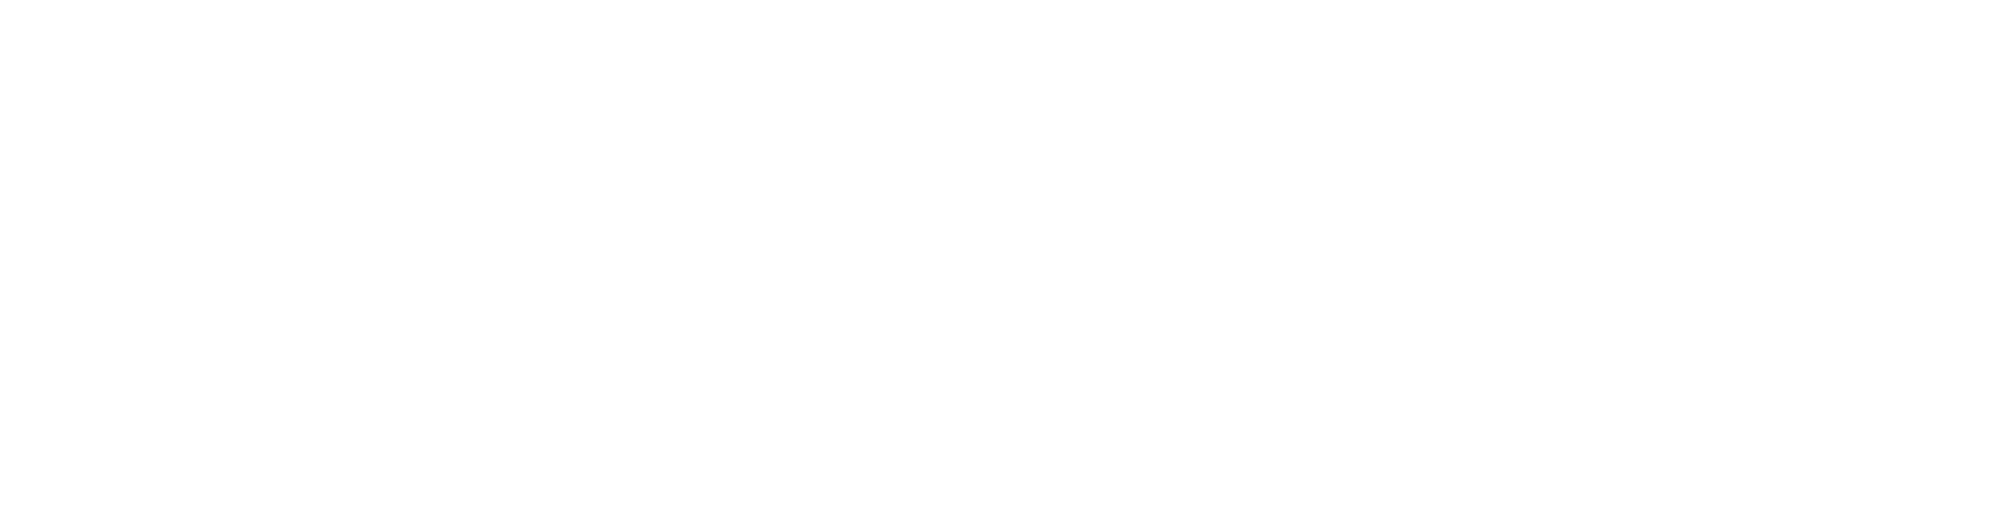 monoblok iç mimarlık